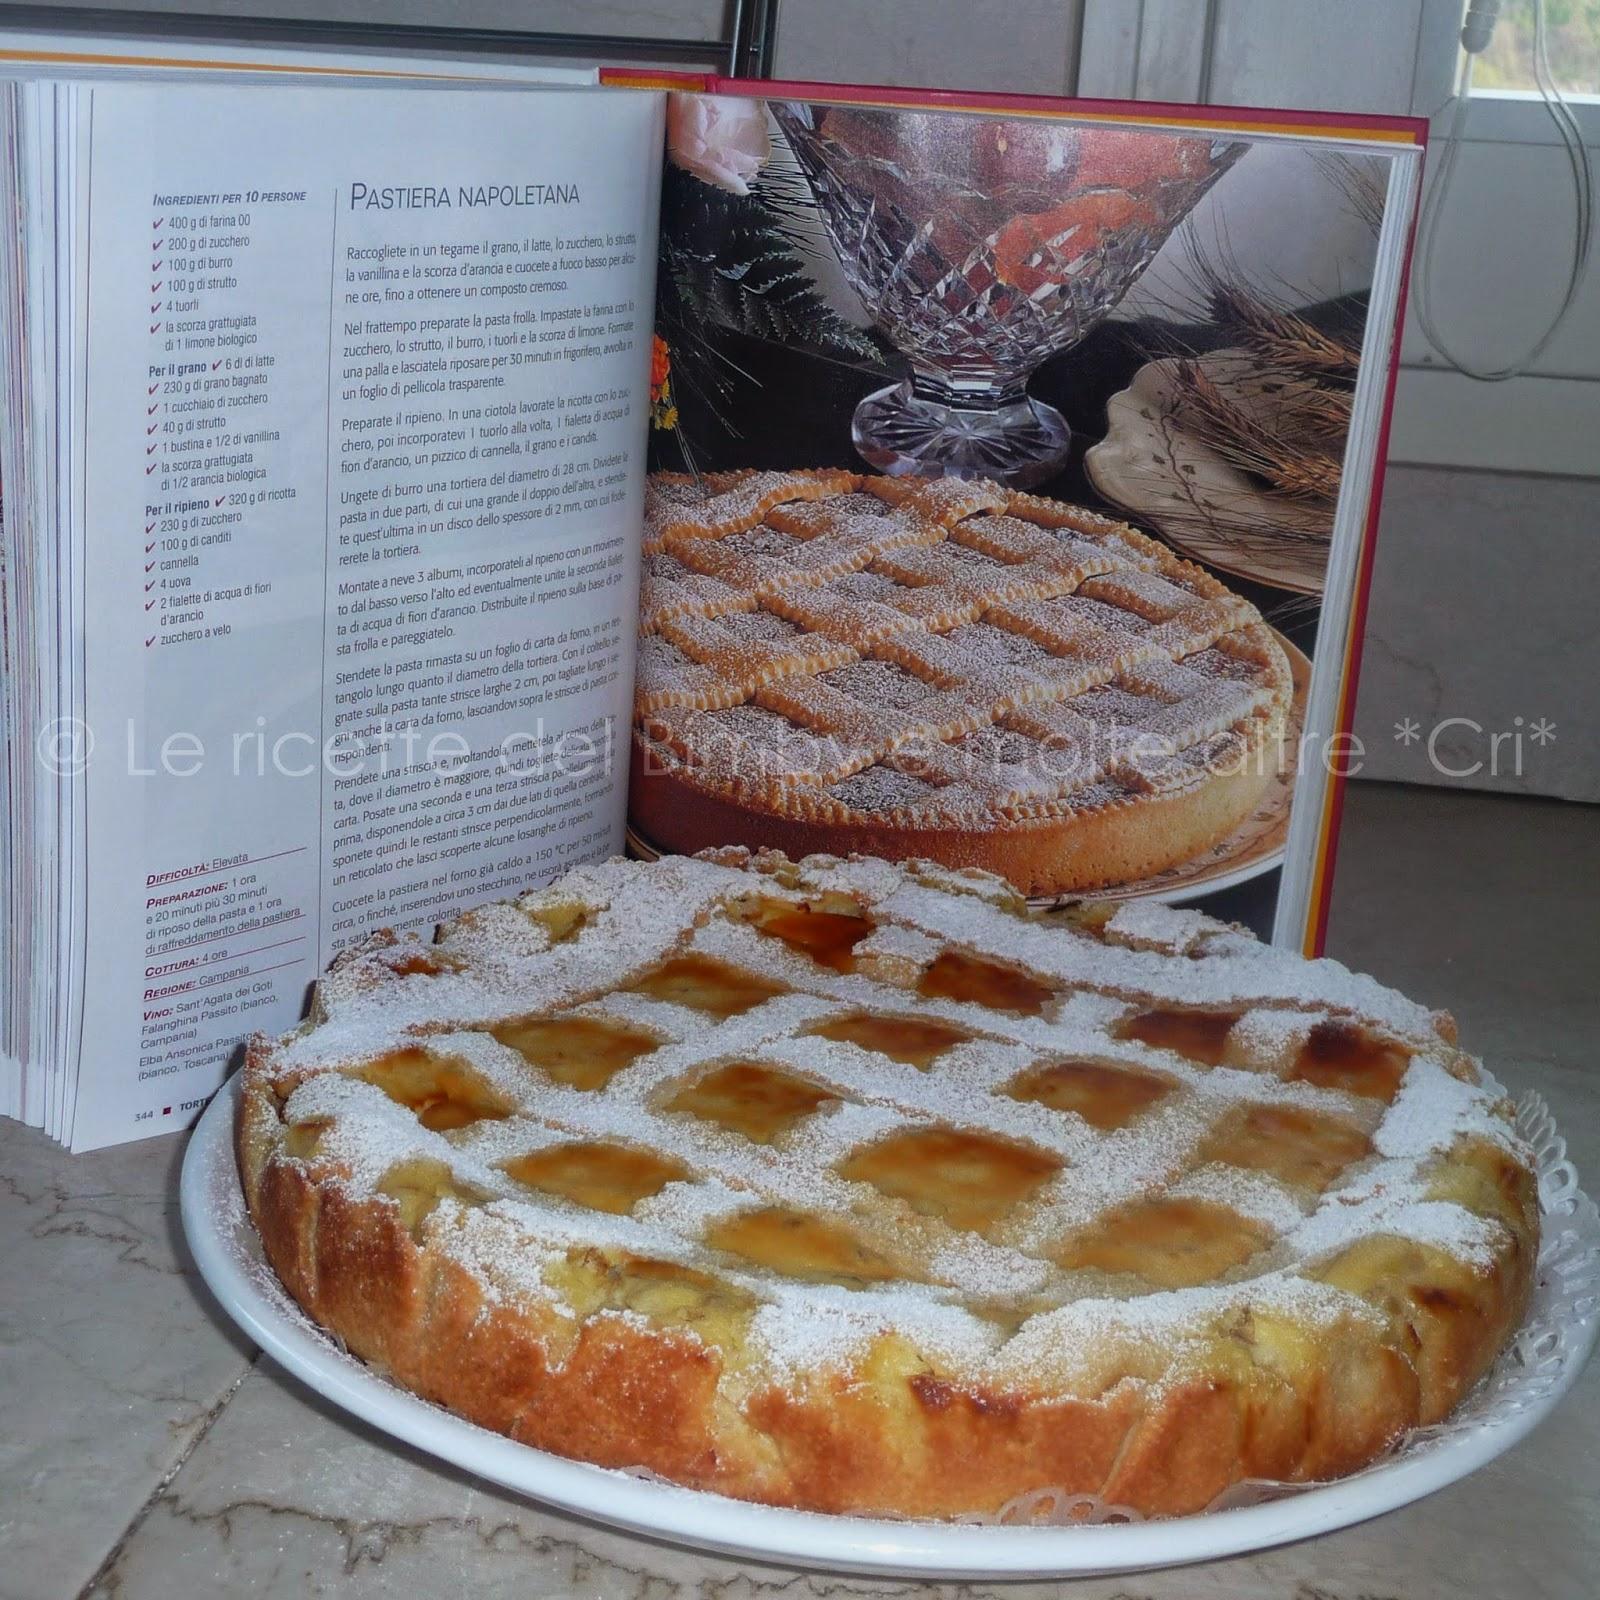 Le Ricette Del Bimby Emolte Altre Cri La Pasqua In Cucina